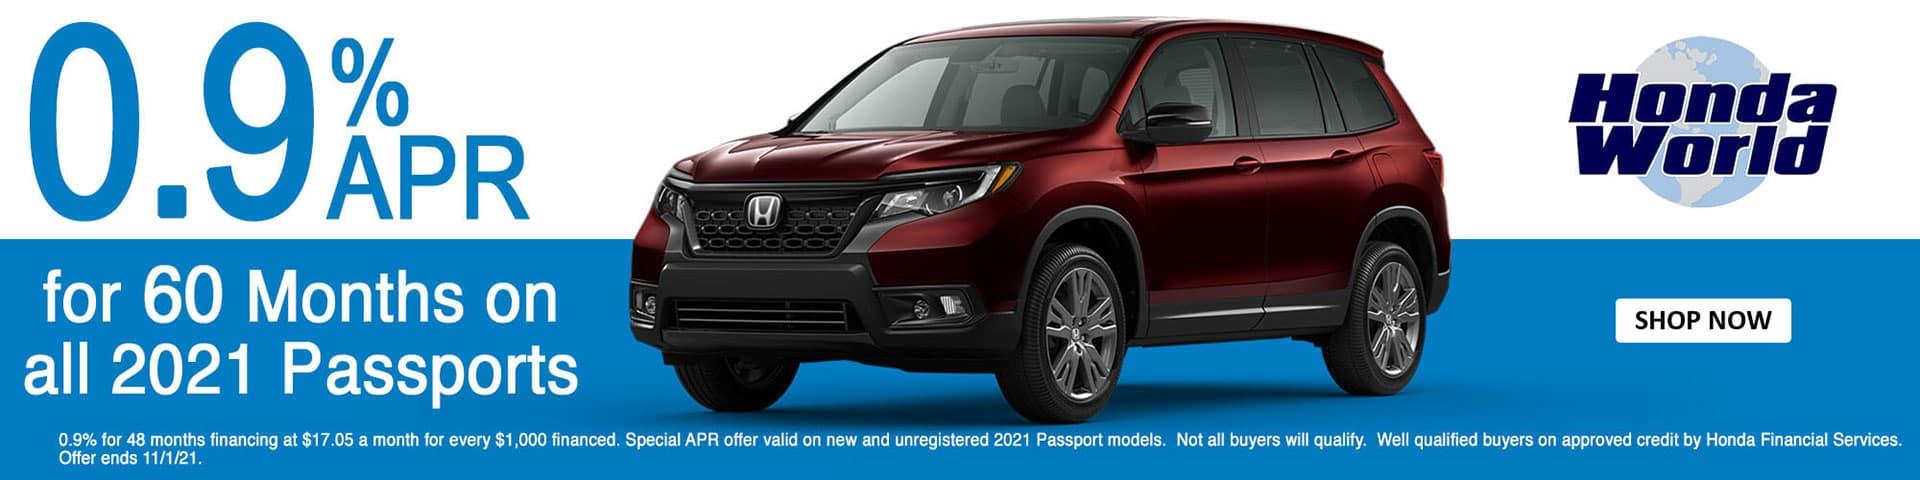 2021 Honda Passport APR Offer